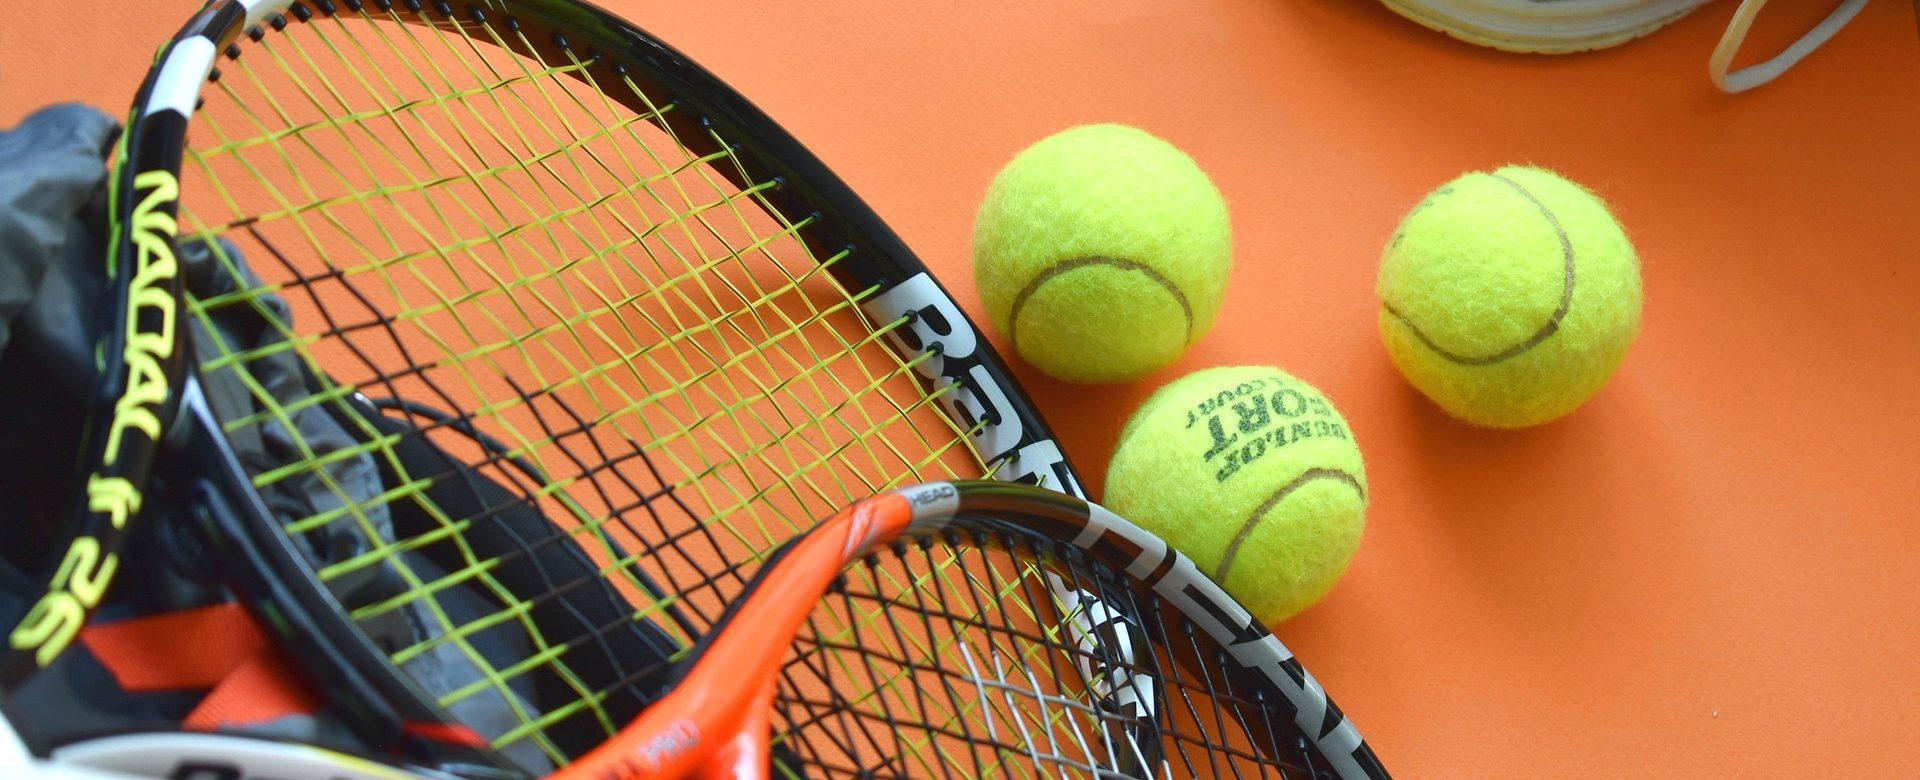 Sportvereinigung Finanz: Tennis